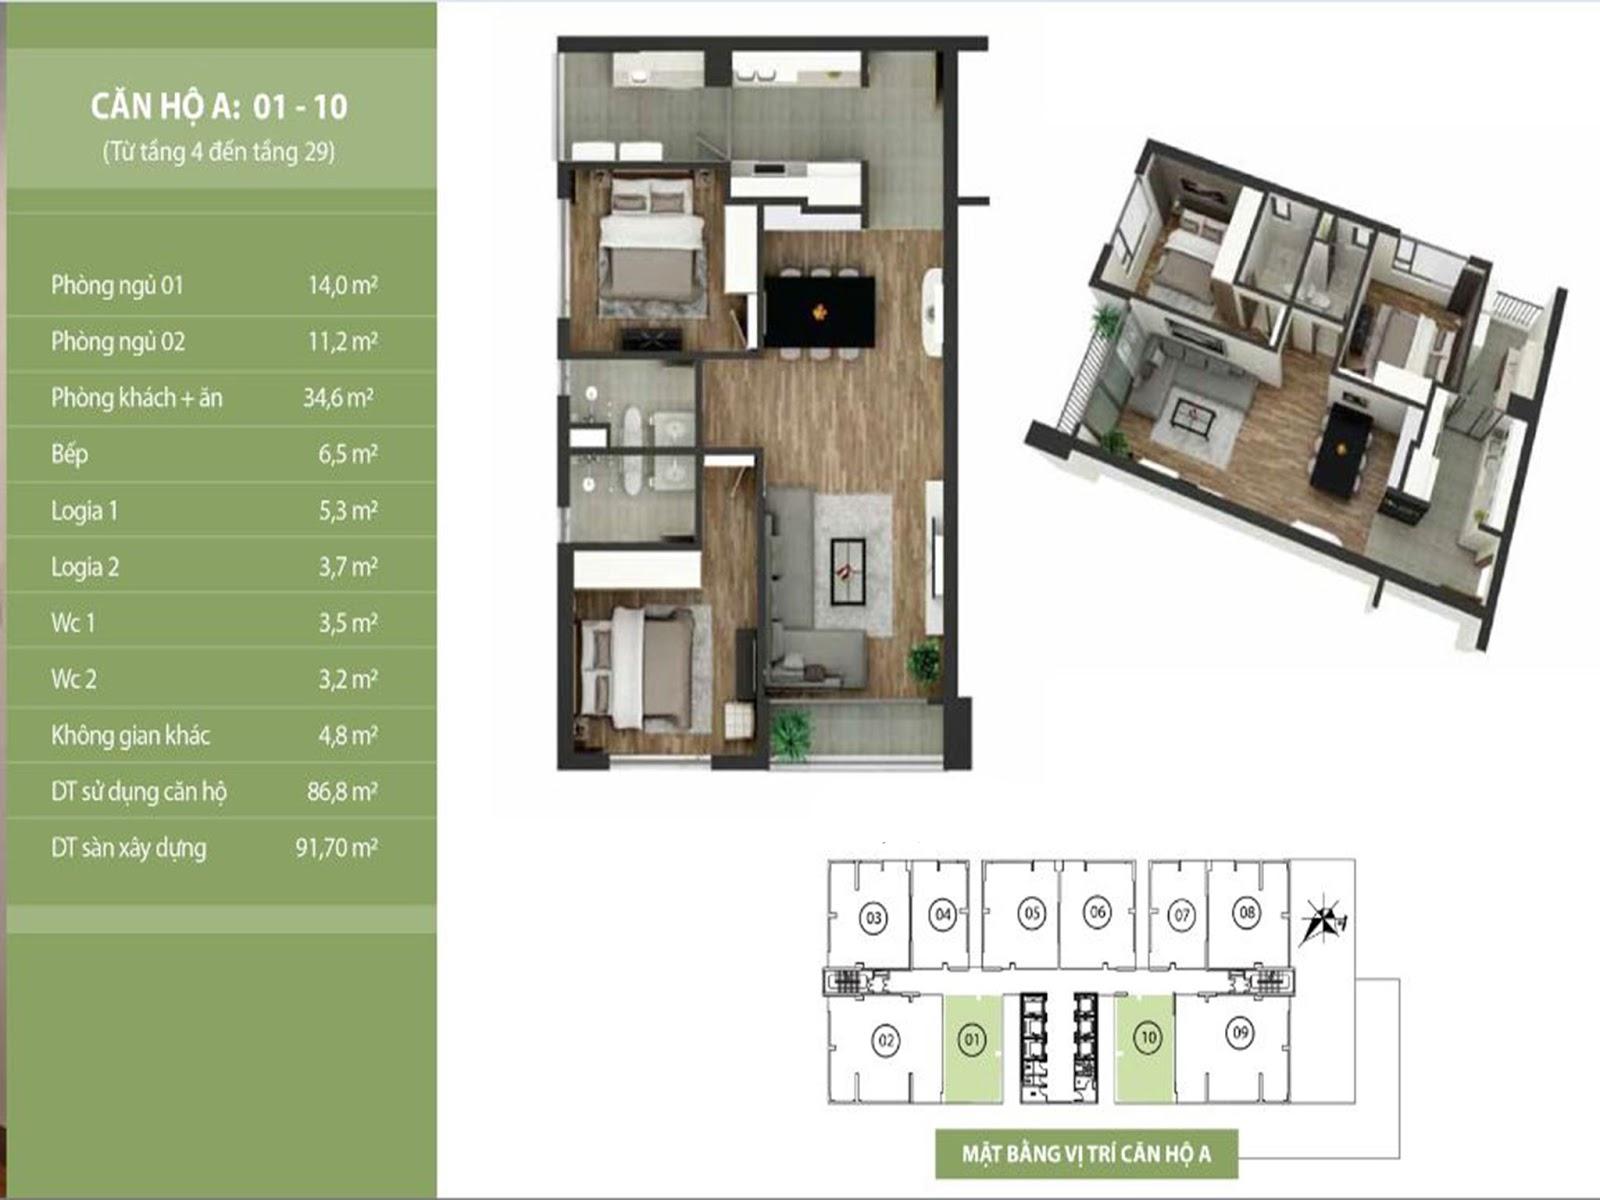 Thiết kế căn hộ số 01 - chung cư Taseco Complex Ngoại Giao Đoàn